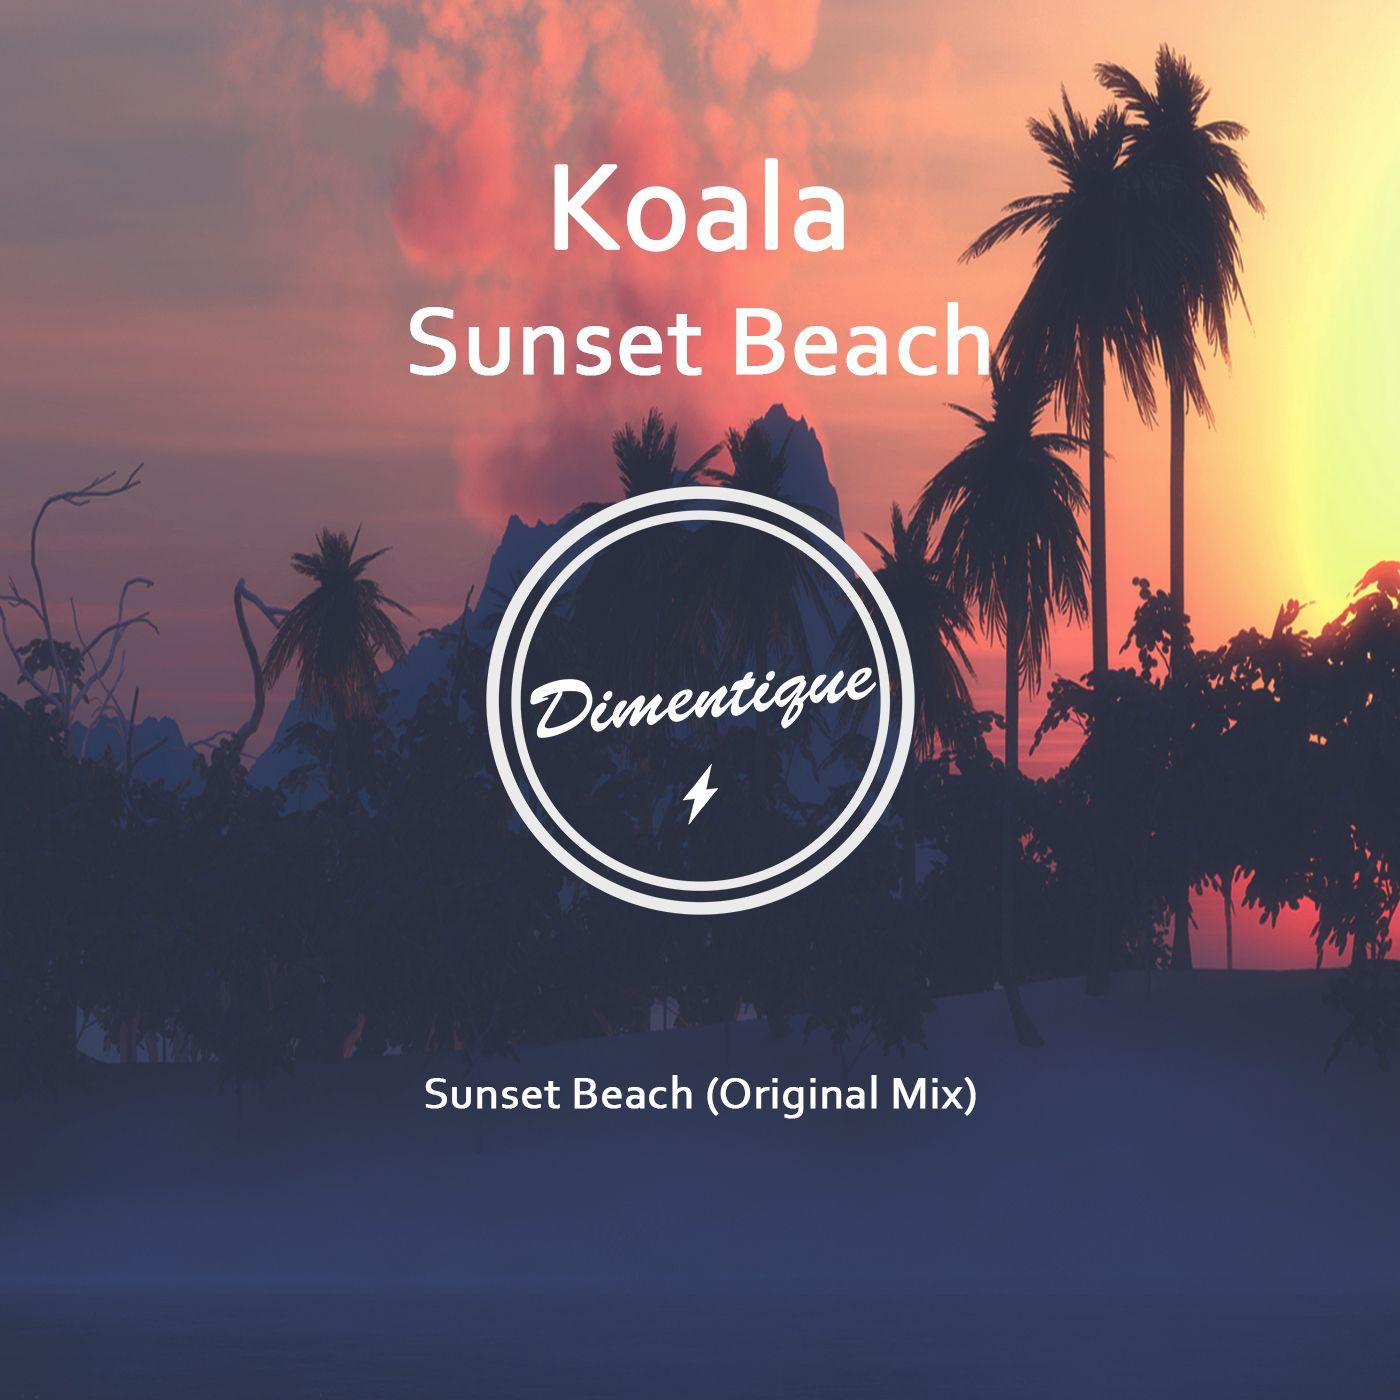 dimentique_new_art_2016_koala_-_sunset_beach.jpg